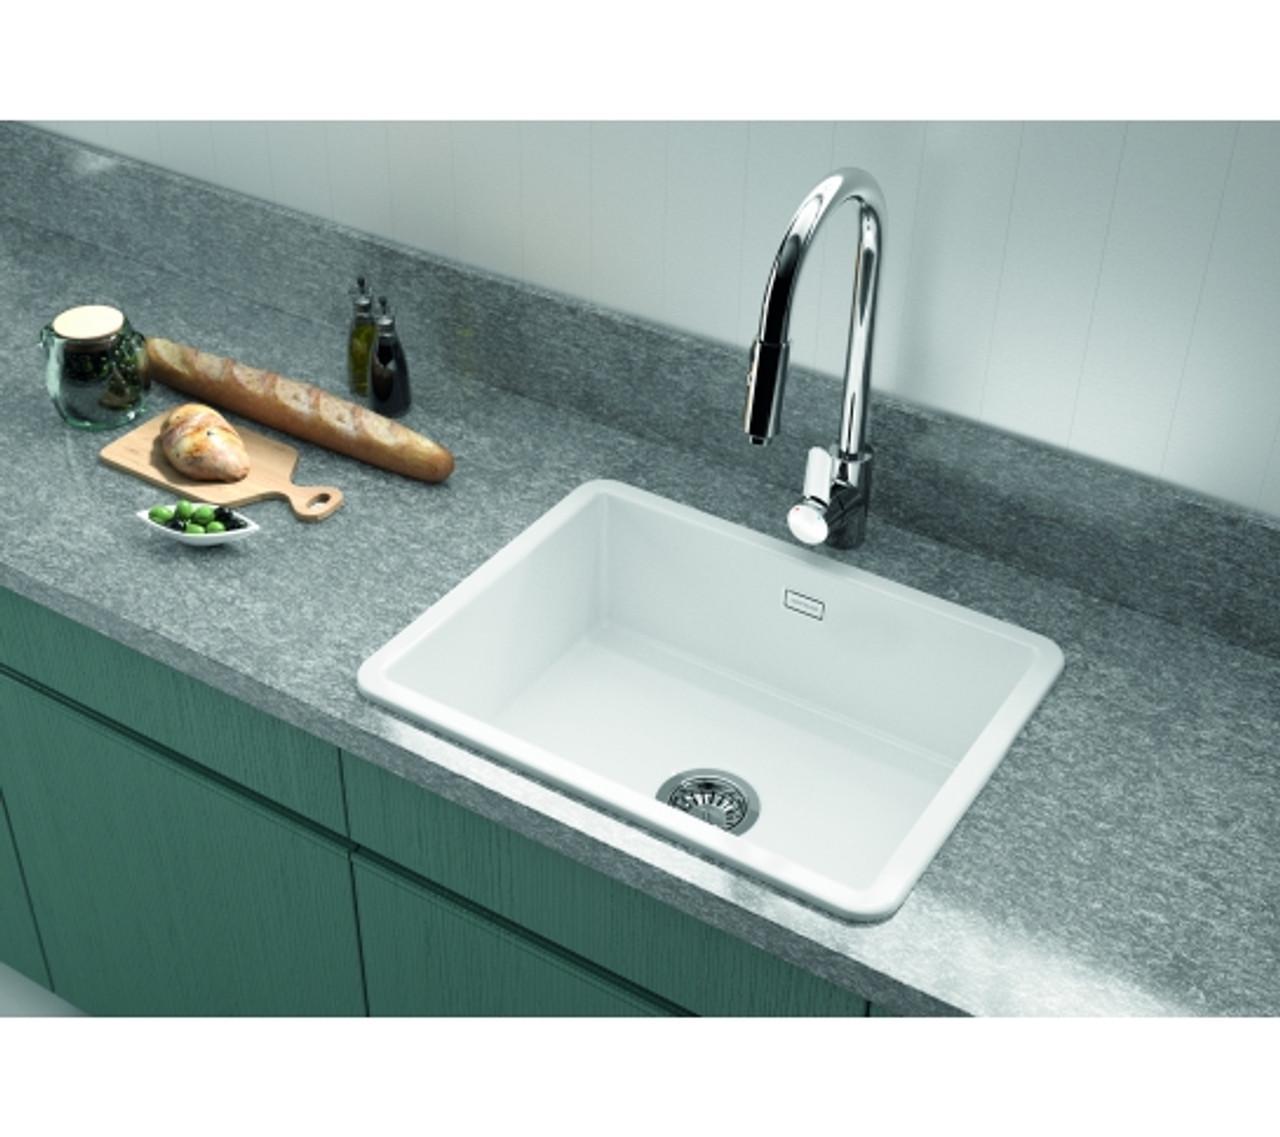 Large Bowl Kitchen Sink Thomas denby metro large bowl sink sinks thomas denby metro large bowl sink workwithnaturefo